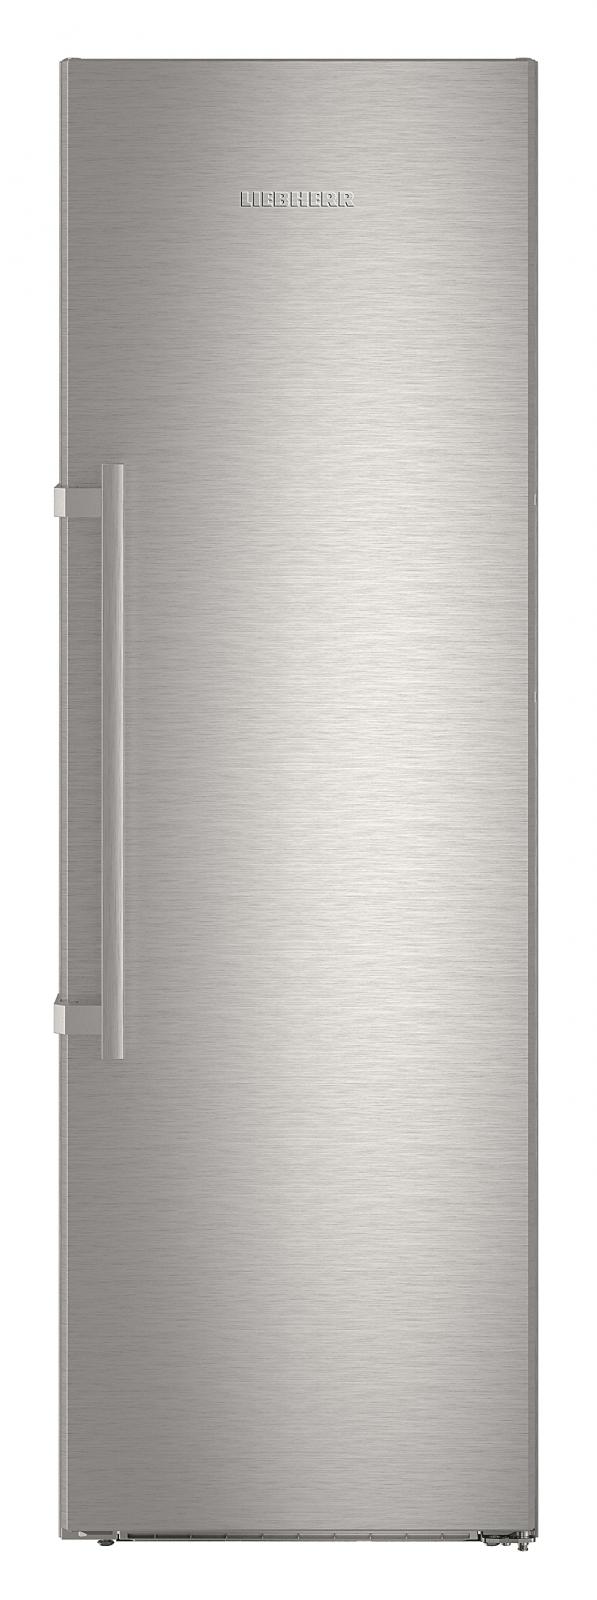 купить Однокамерный холодильник Liebherr KBPes 4354 Украина фото 1